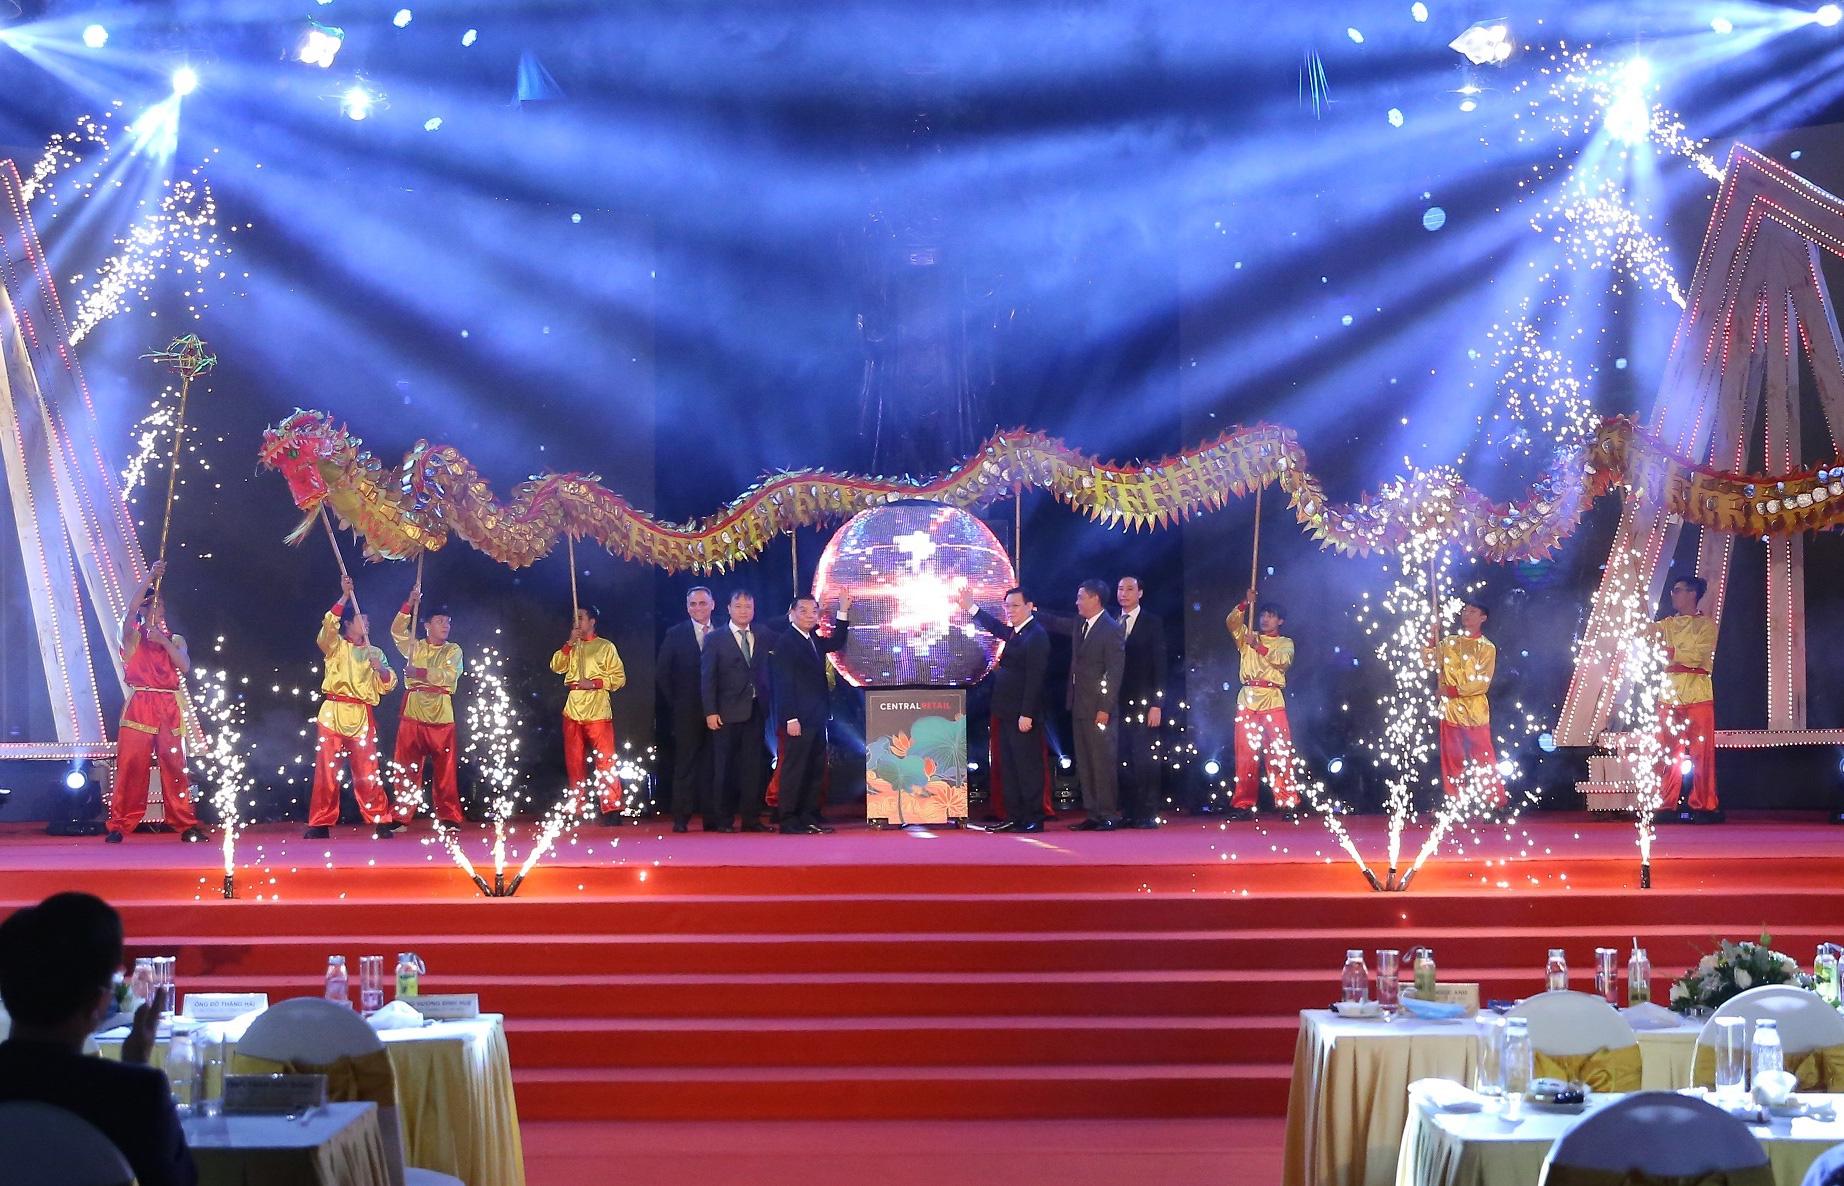 Gần 100 gian hàng 'Made in Vietnam' thu hút người dân Hà Thành - Ảnh 1.